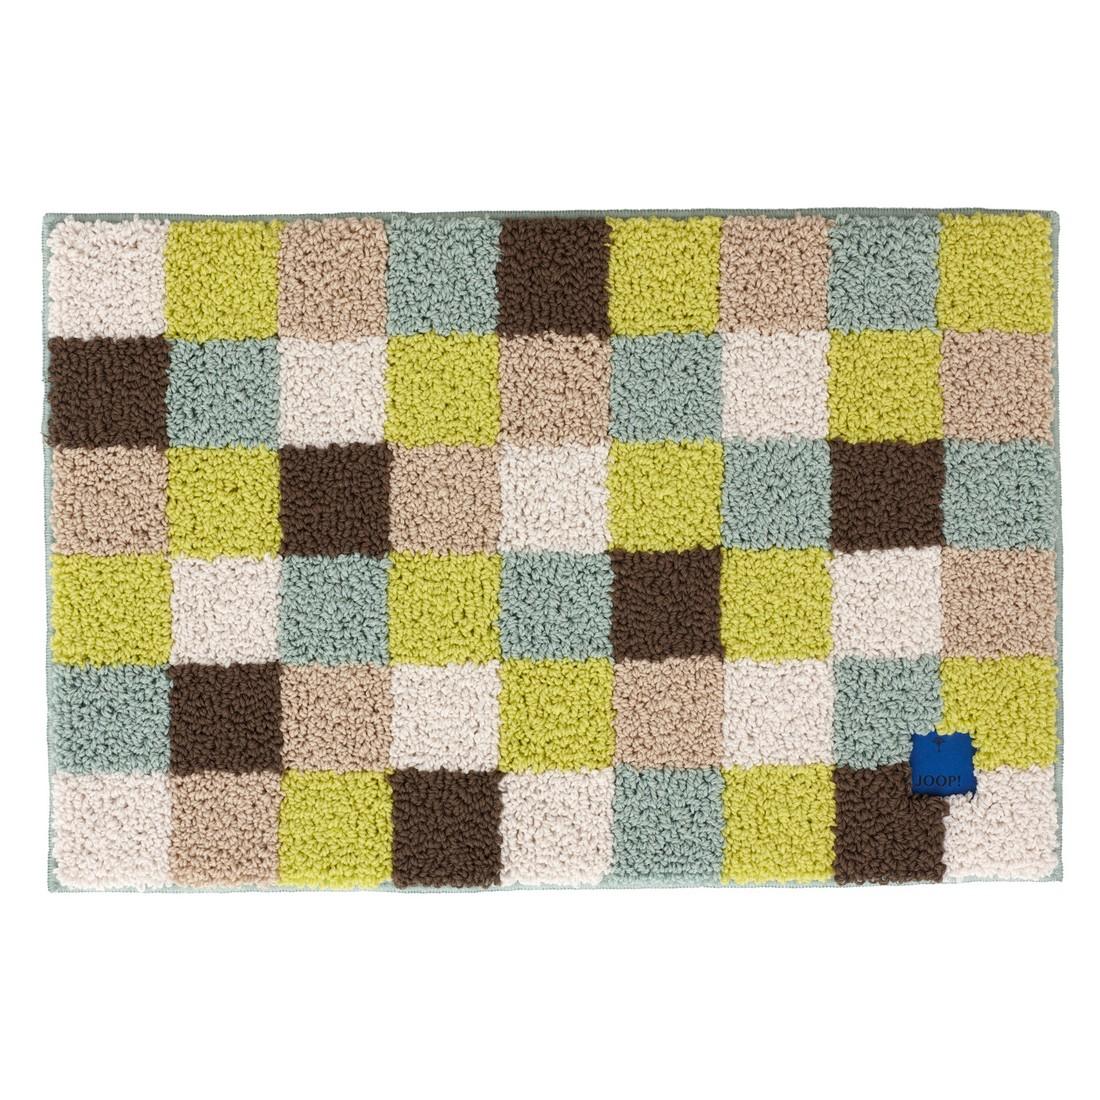 Badteppiche   Plaza Squares – 100% Polyacryl Limone – 1326 – 50 x 60 cm, Joop jetzt bestellen